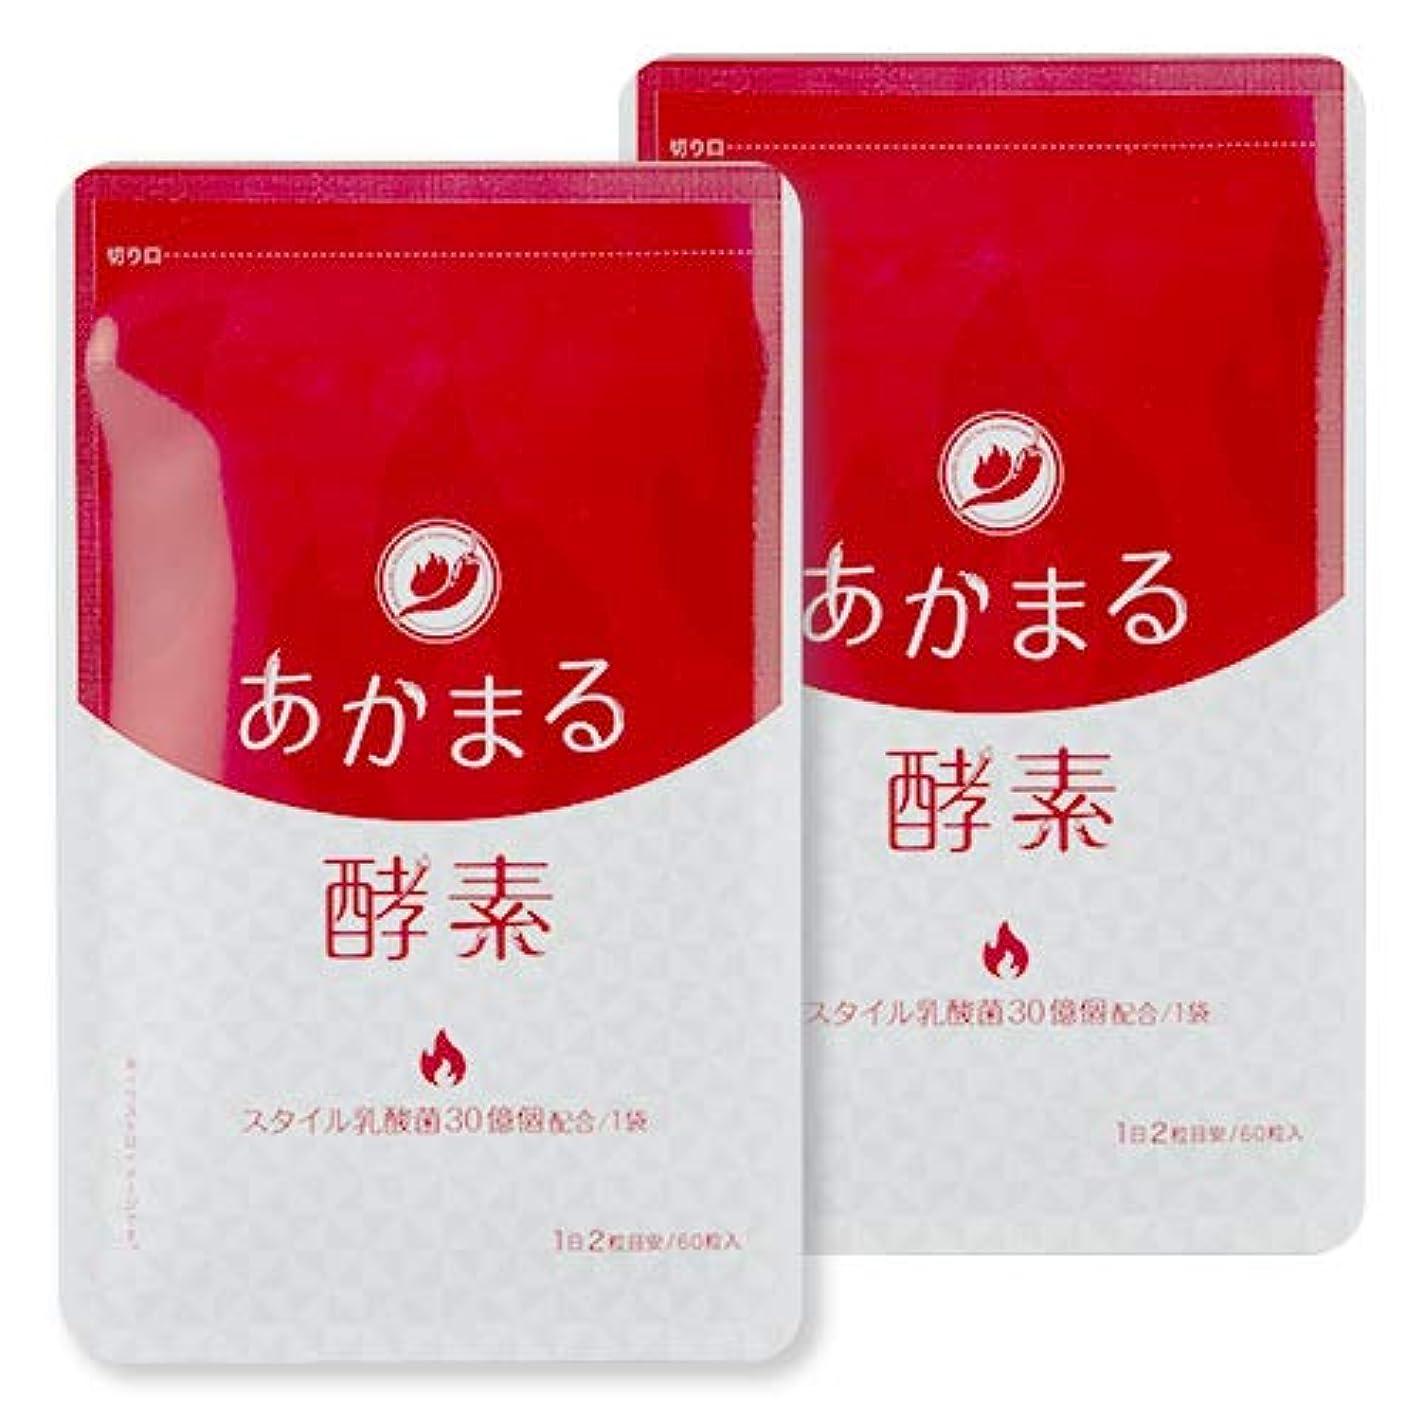 艶同時逆【公式】あかまる酵素 ダイエットサプリ 2袋セット